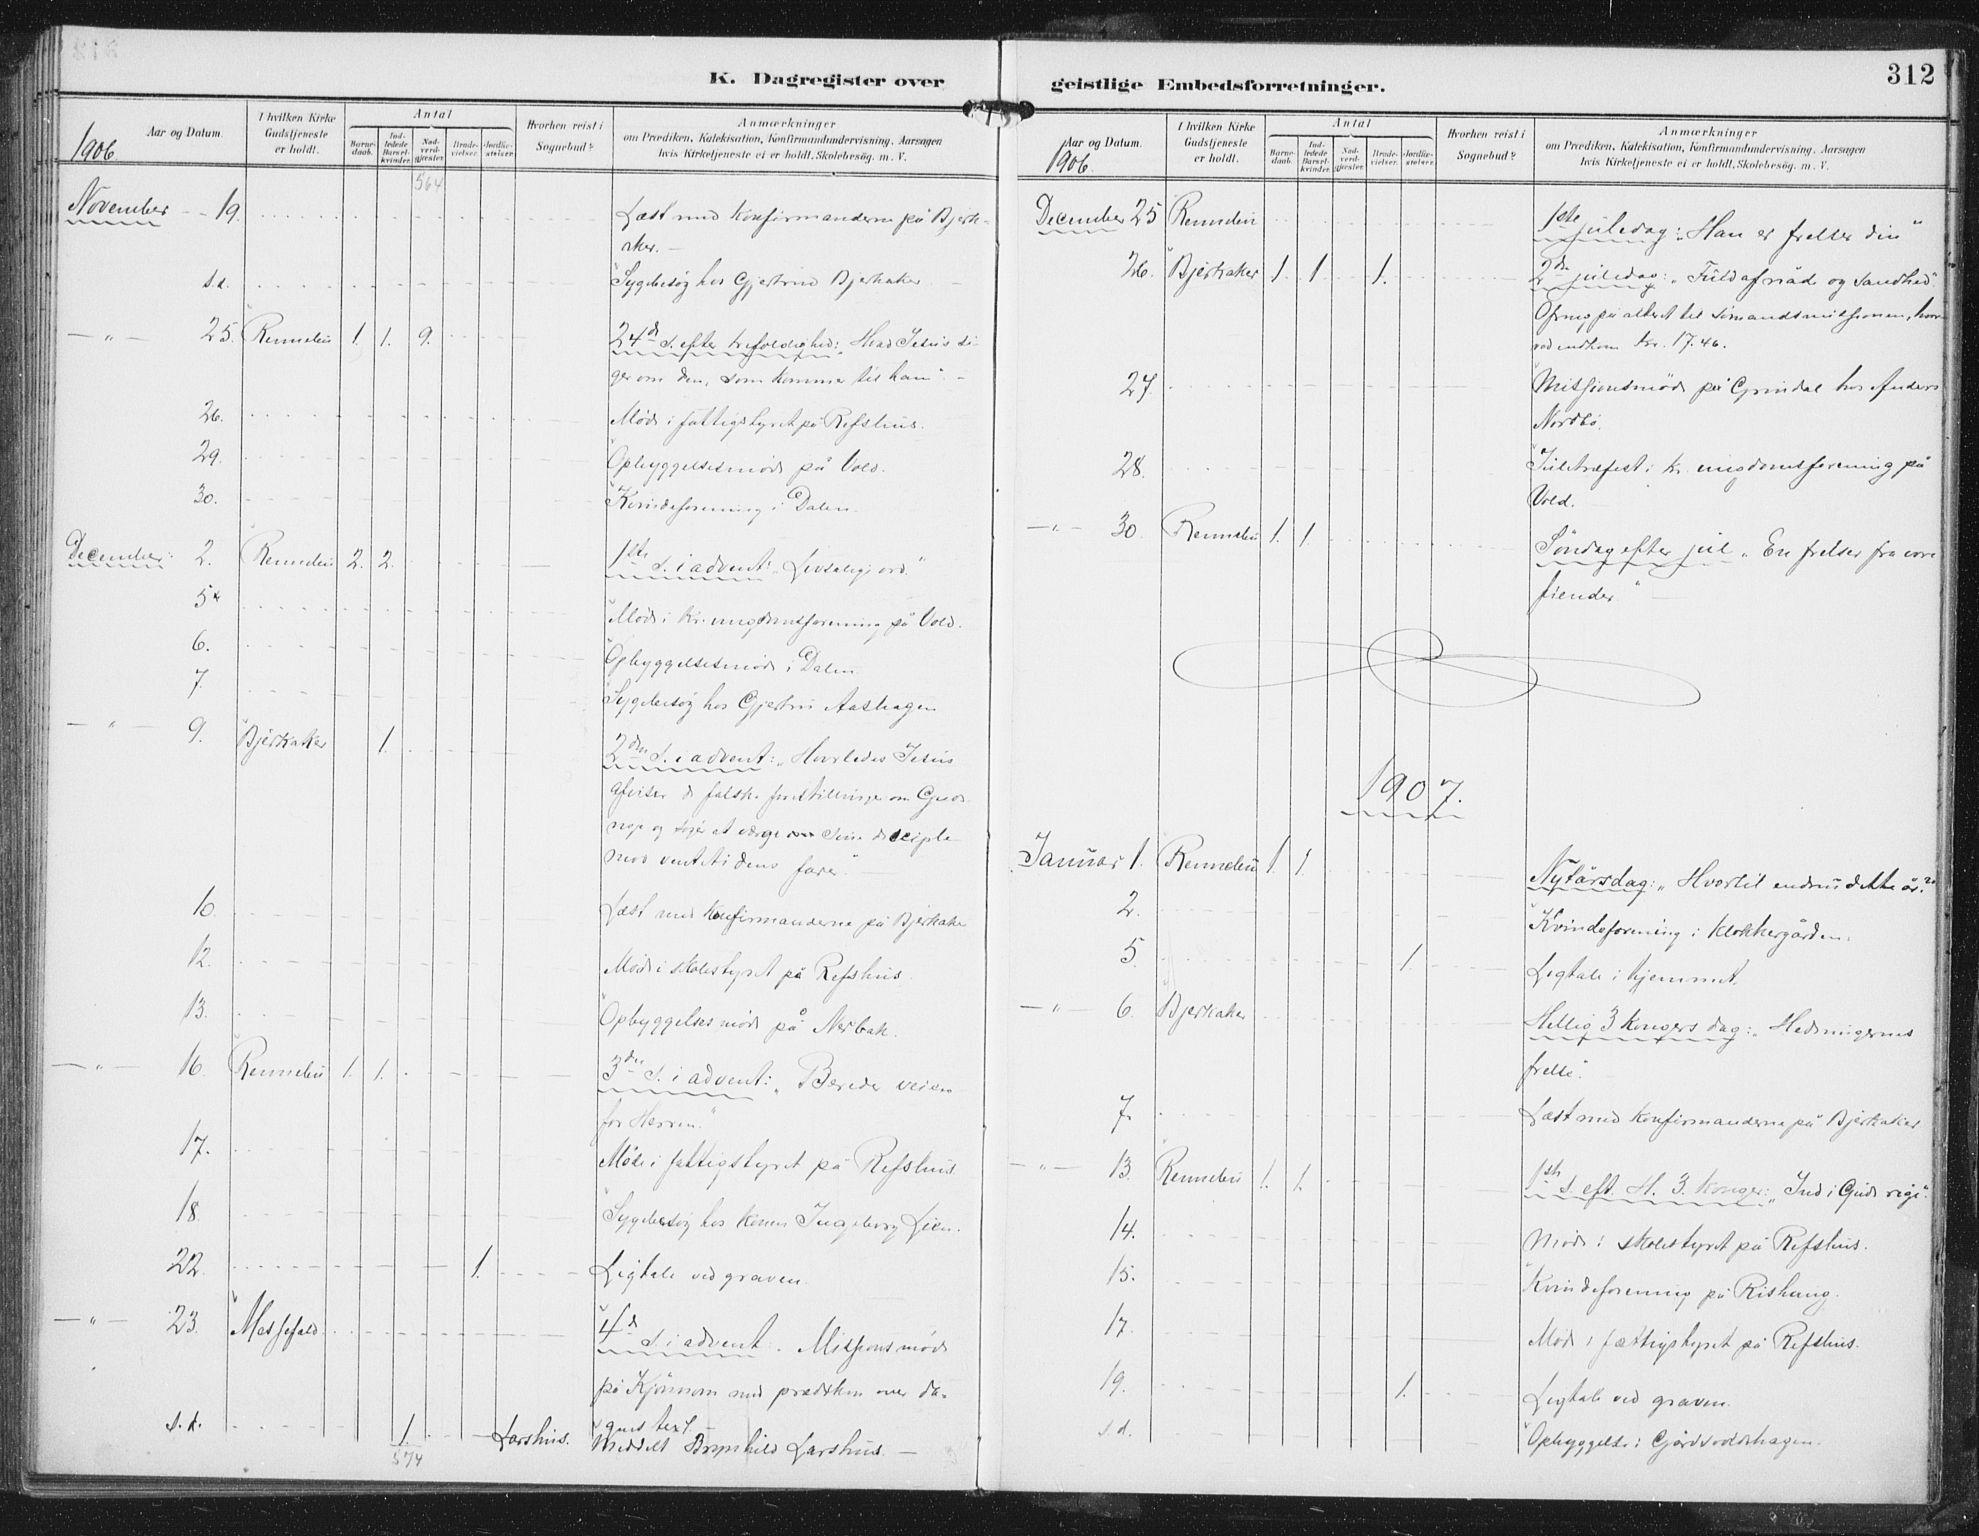 SAT, Ministerialprotokoller, klokkerbøker og fødselsregistre - Sør-Trøndelag, 674/L0872: Ministerialbok nr. 674A04, 1897-1907, s. 312